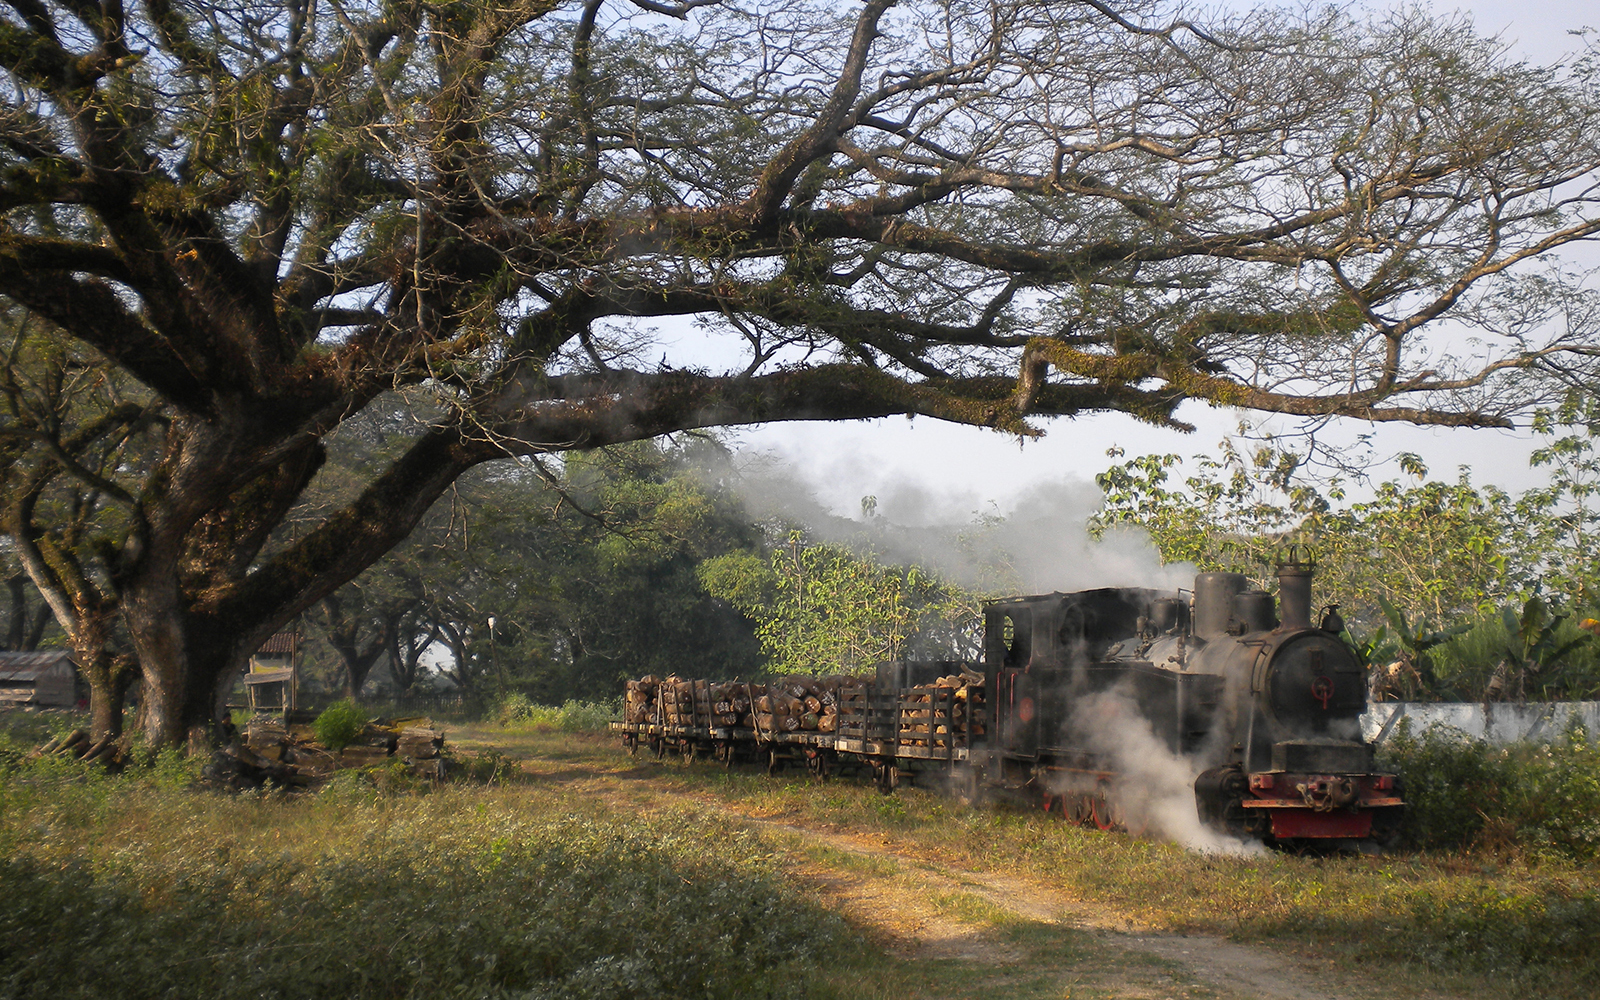 Foto: Jahrzehntealte Dampfloks aus Deutschland und Holland nicht nur in den Zuckerrohrplantagen, sondern auch in den verbliebenen Teakholzwäldern. Auf Java in Indonesien. Fotografiert von railmen-Lokführer Steffen Mann.